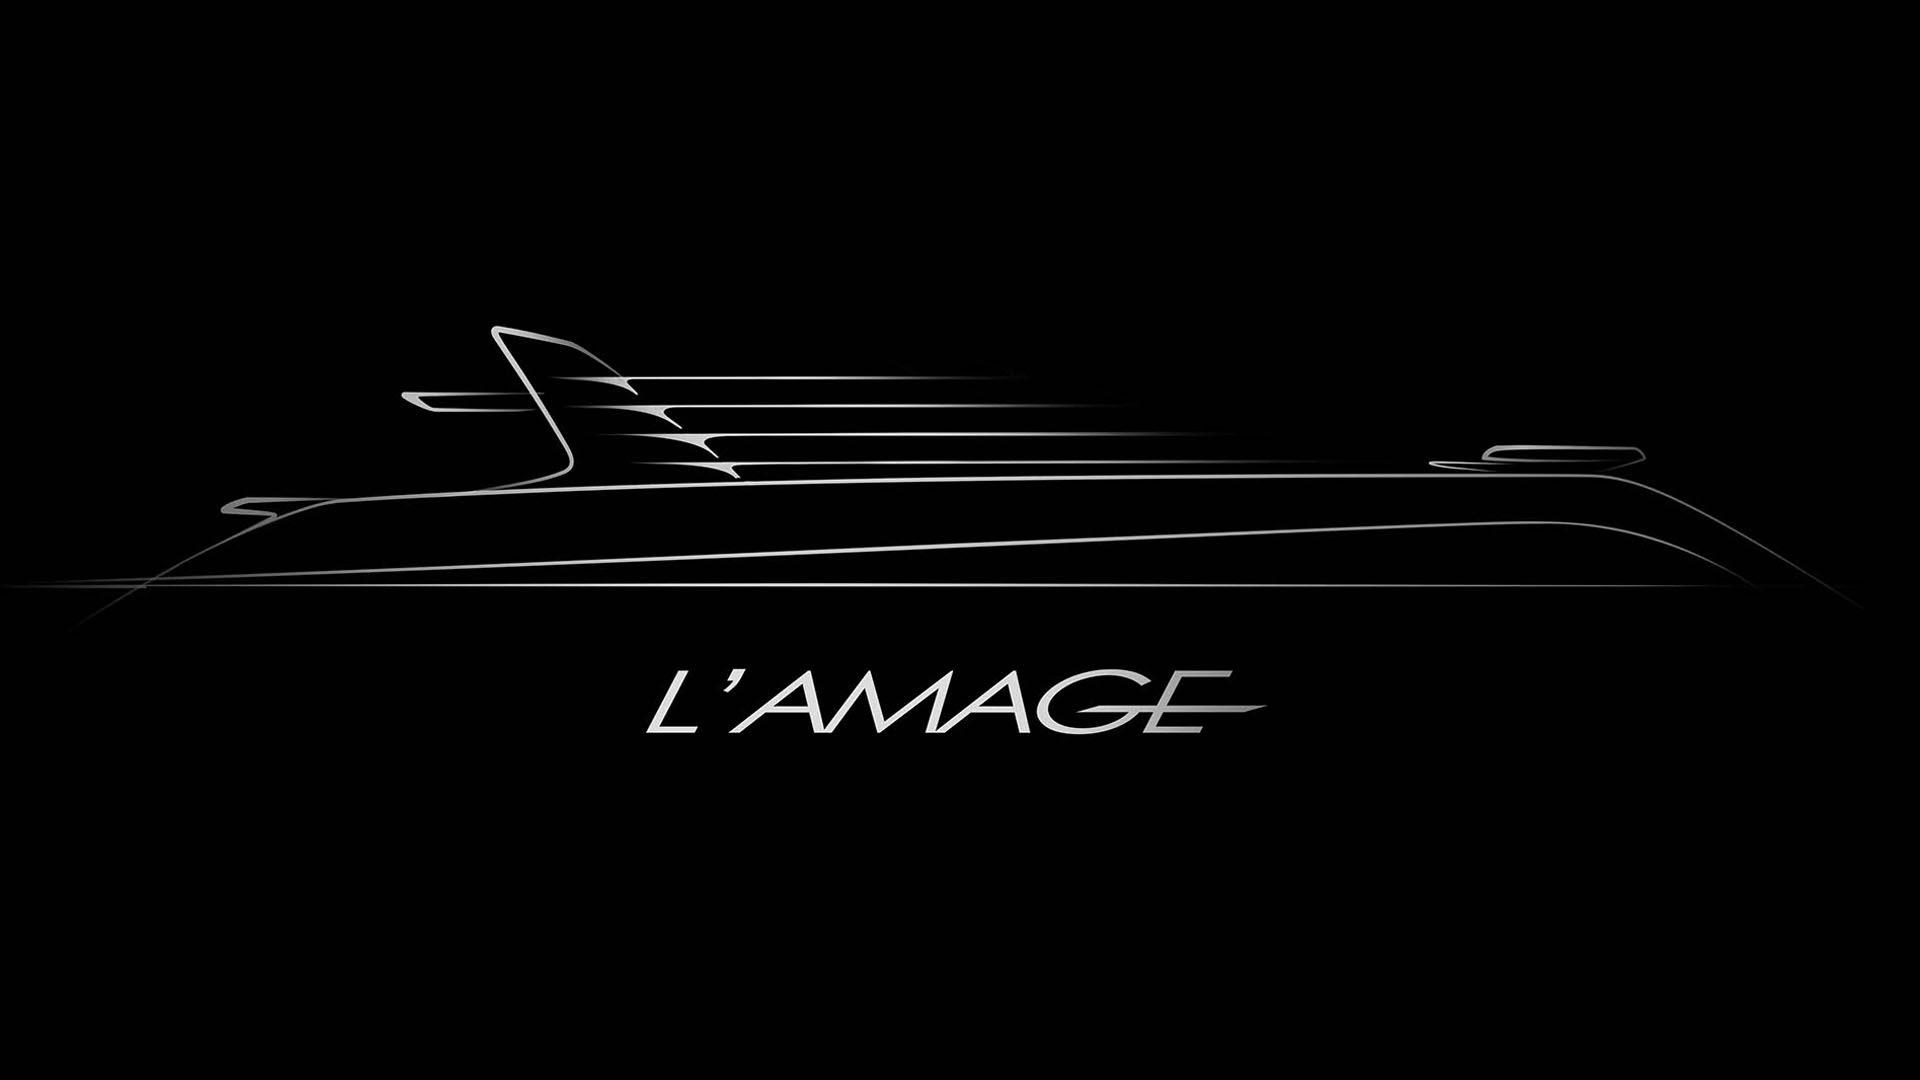 sketch of Superyacht L'Amage design by visionary designer h bekradi